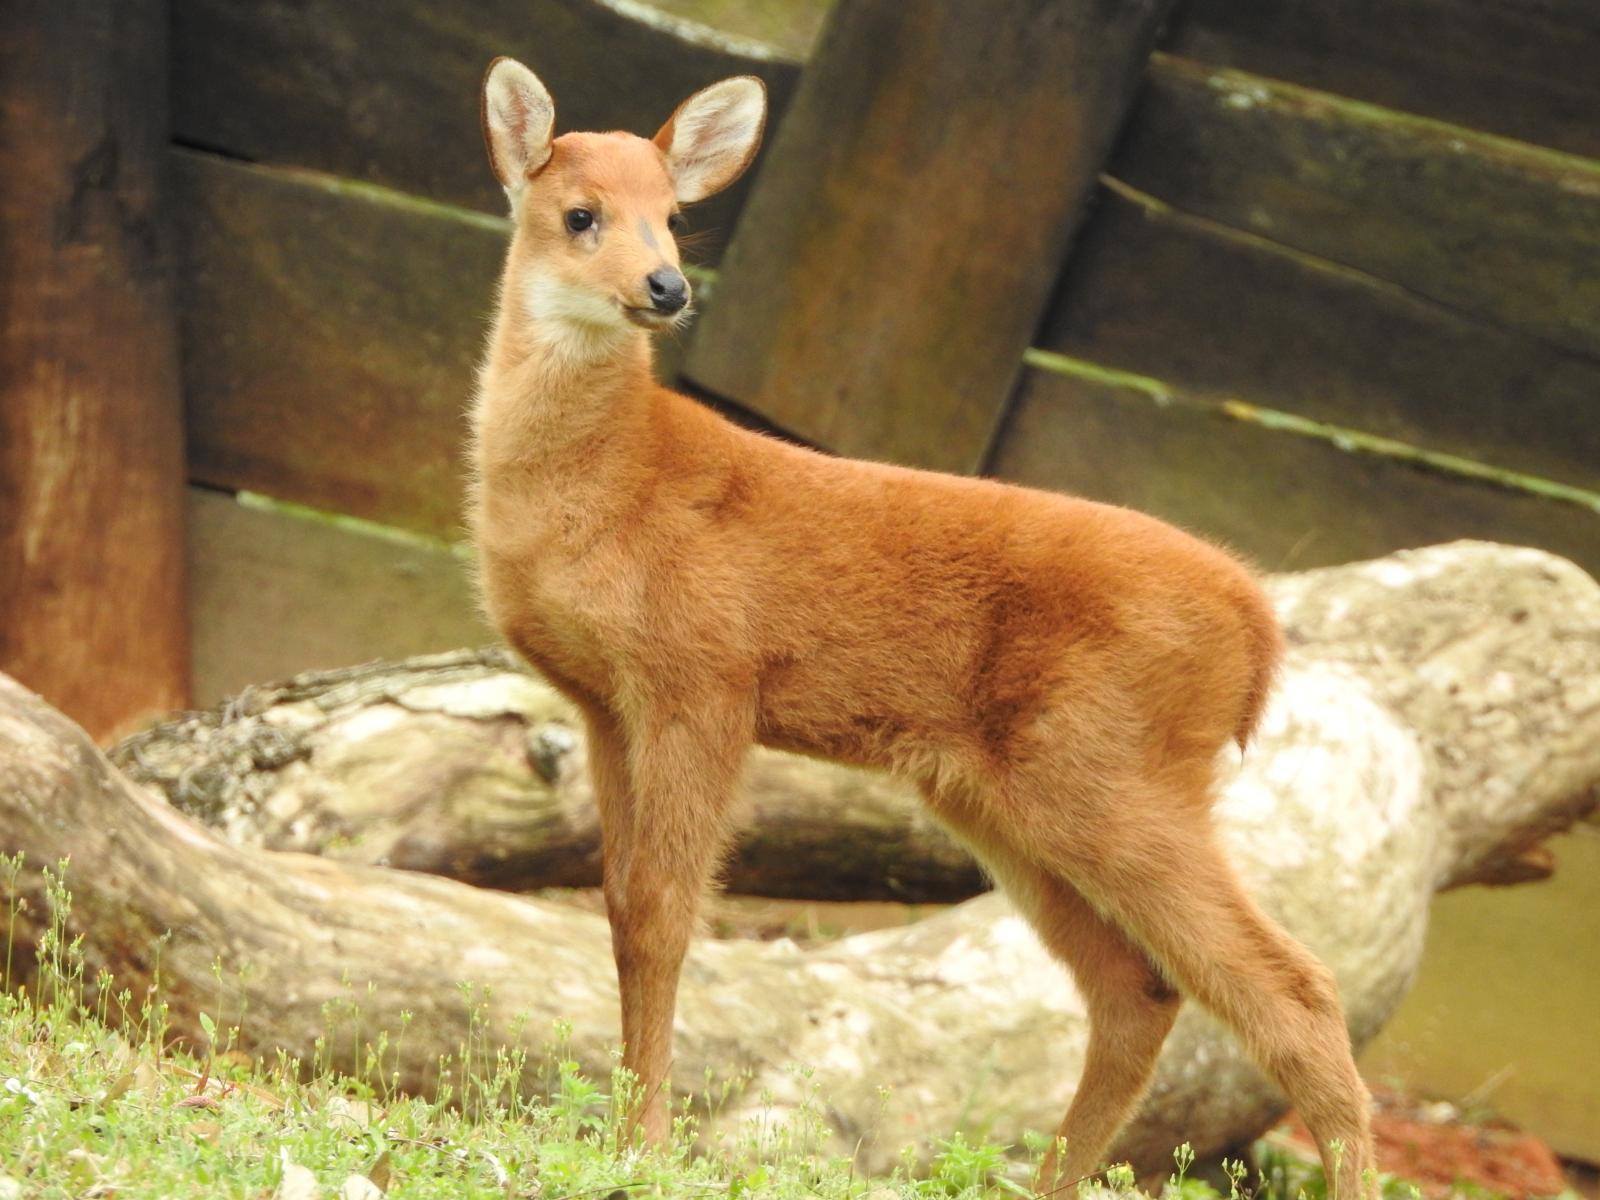 Zooparque comemora o nascimento de cervo-do-pantanal